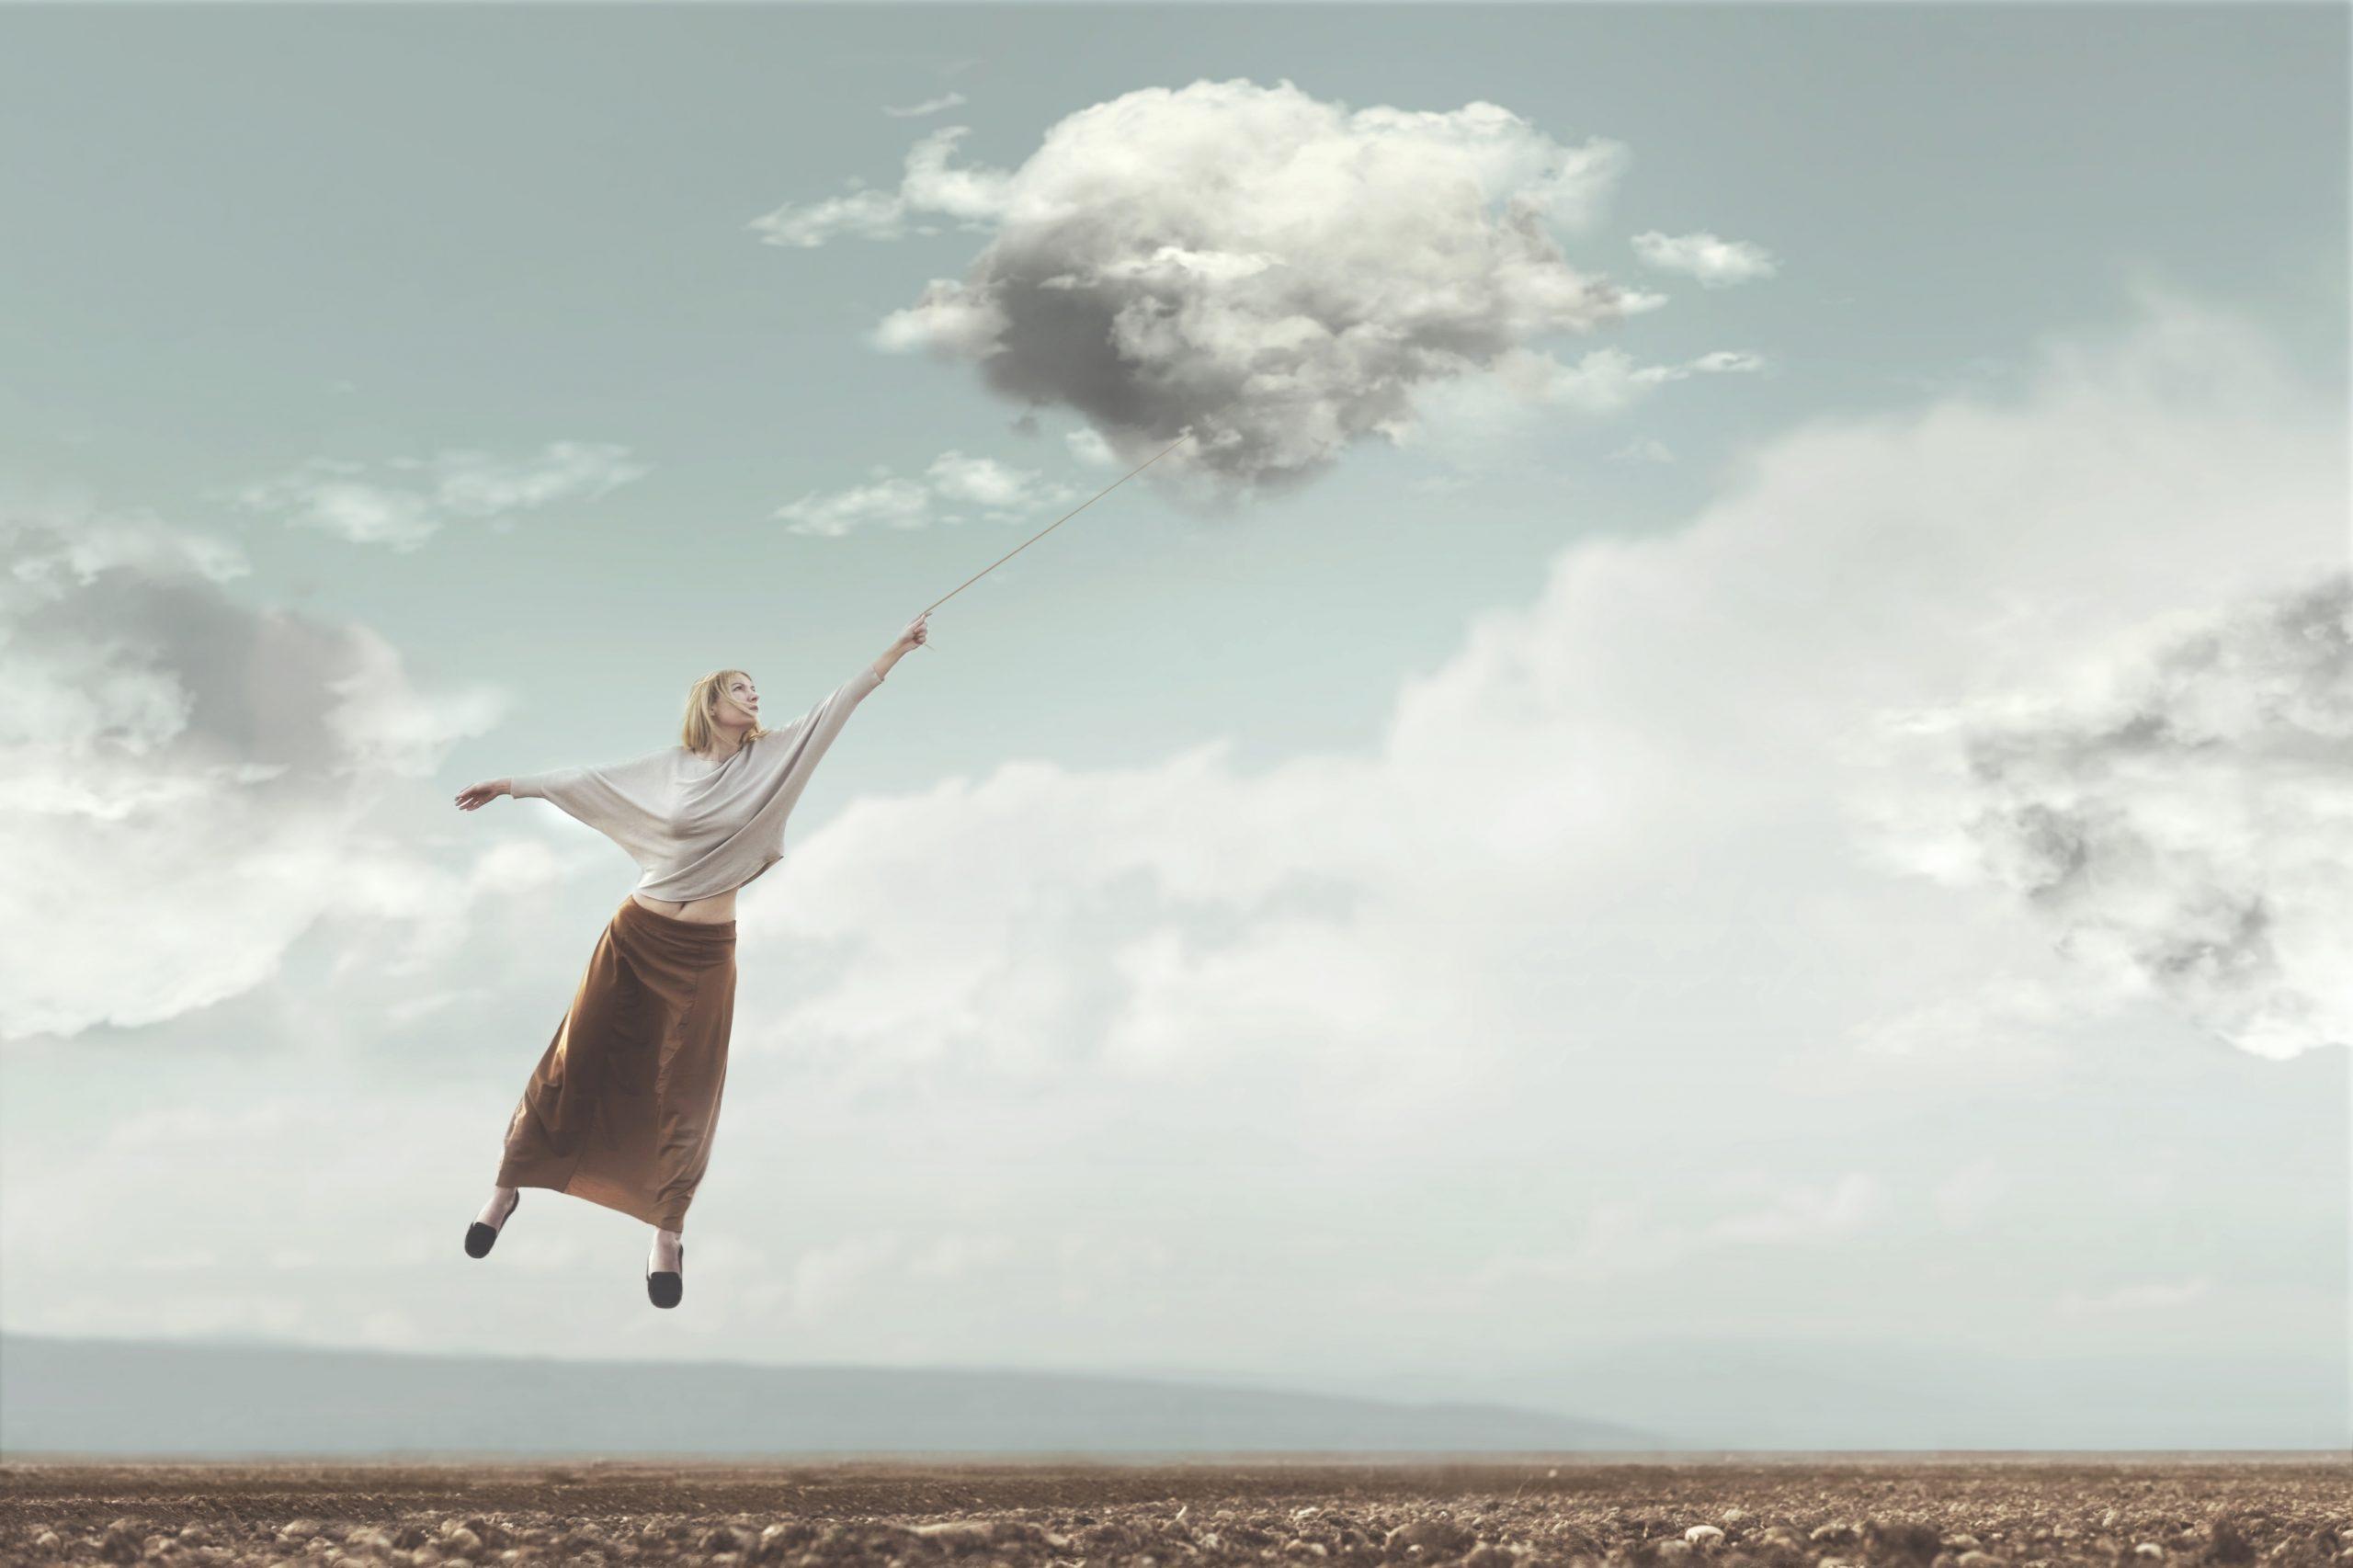 Zug in die Cloud